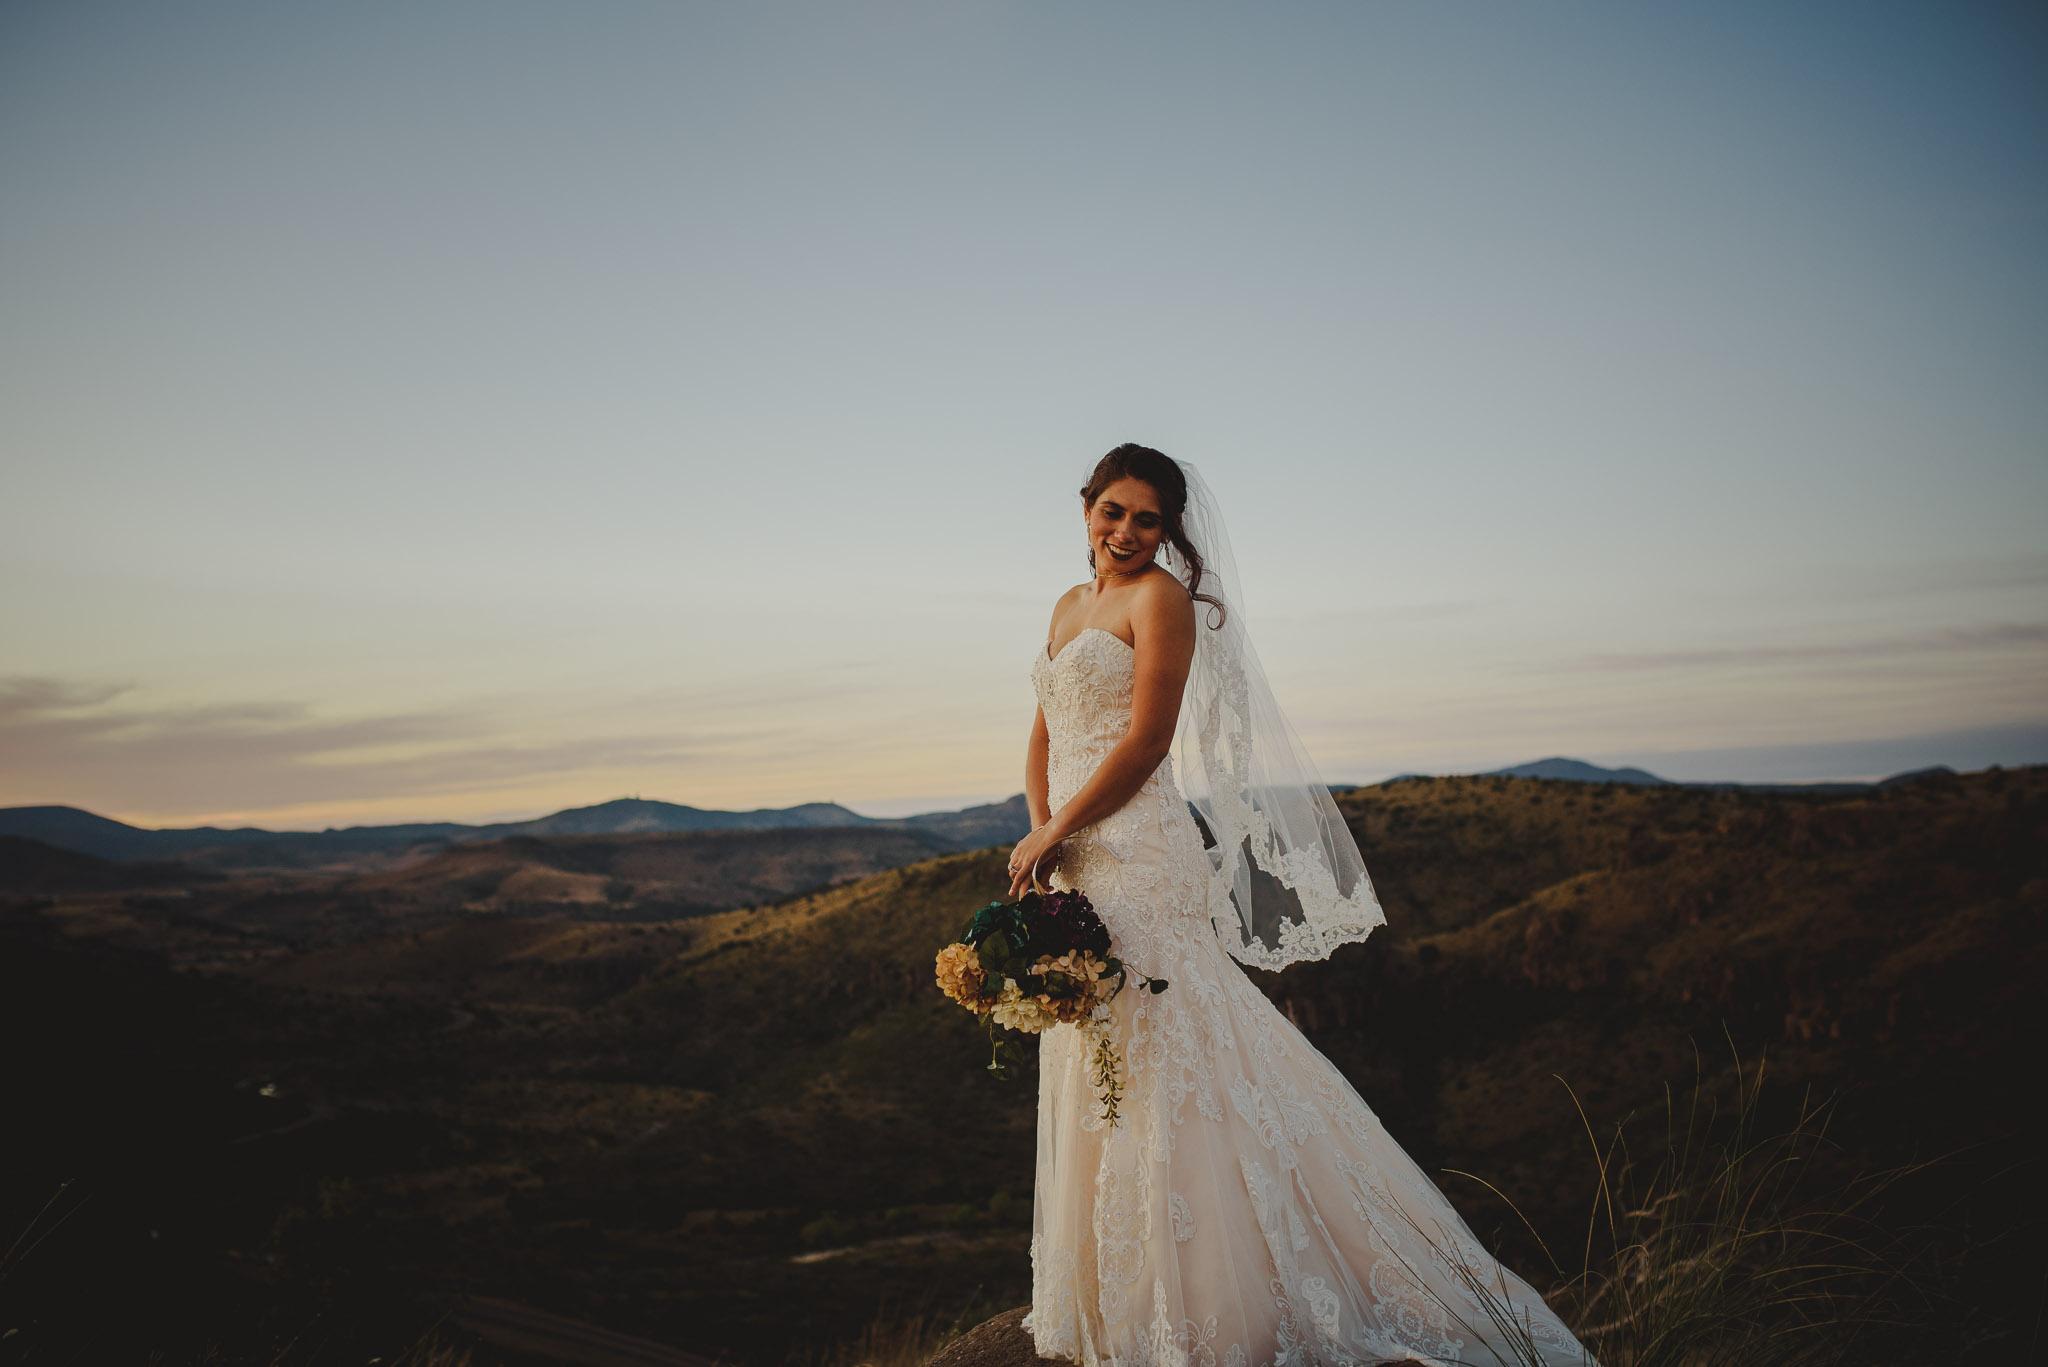 Marfa_Texas_Wedding_Photographer-0034.jpg